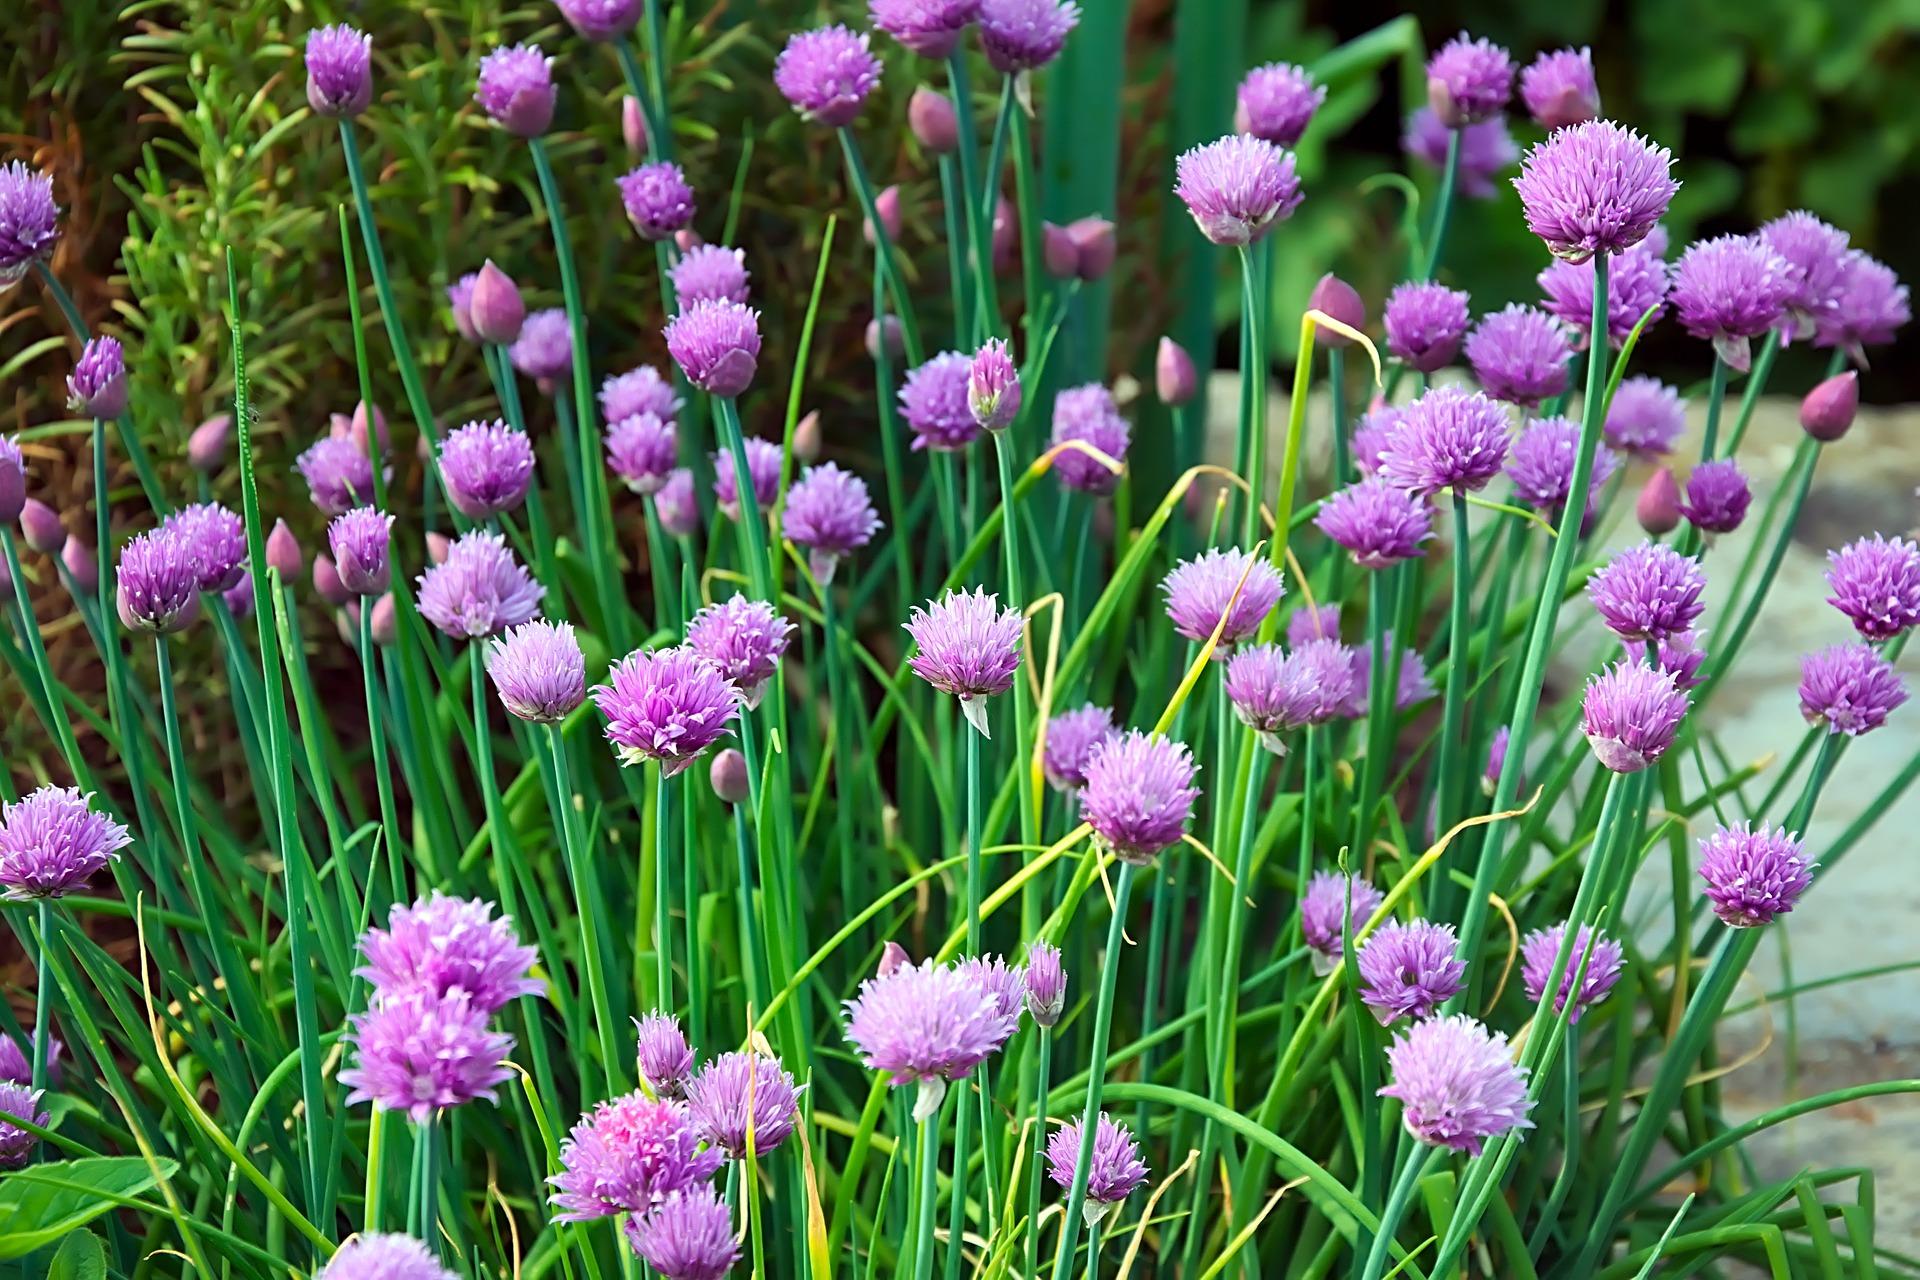 Pažitka pobřežní má purpurové květy. Někdy se jimi zdobí i zeleninové saláty.